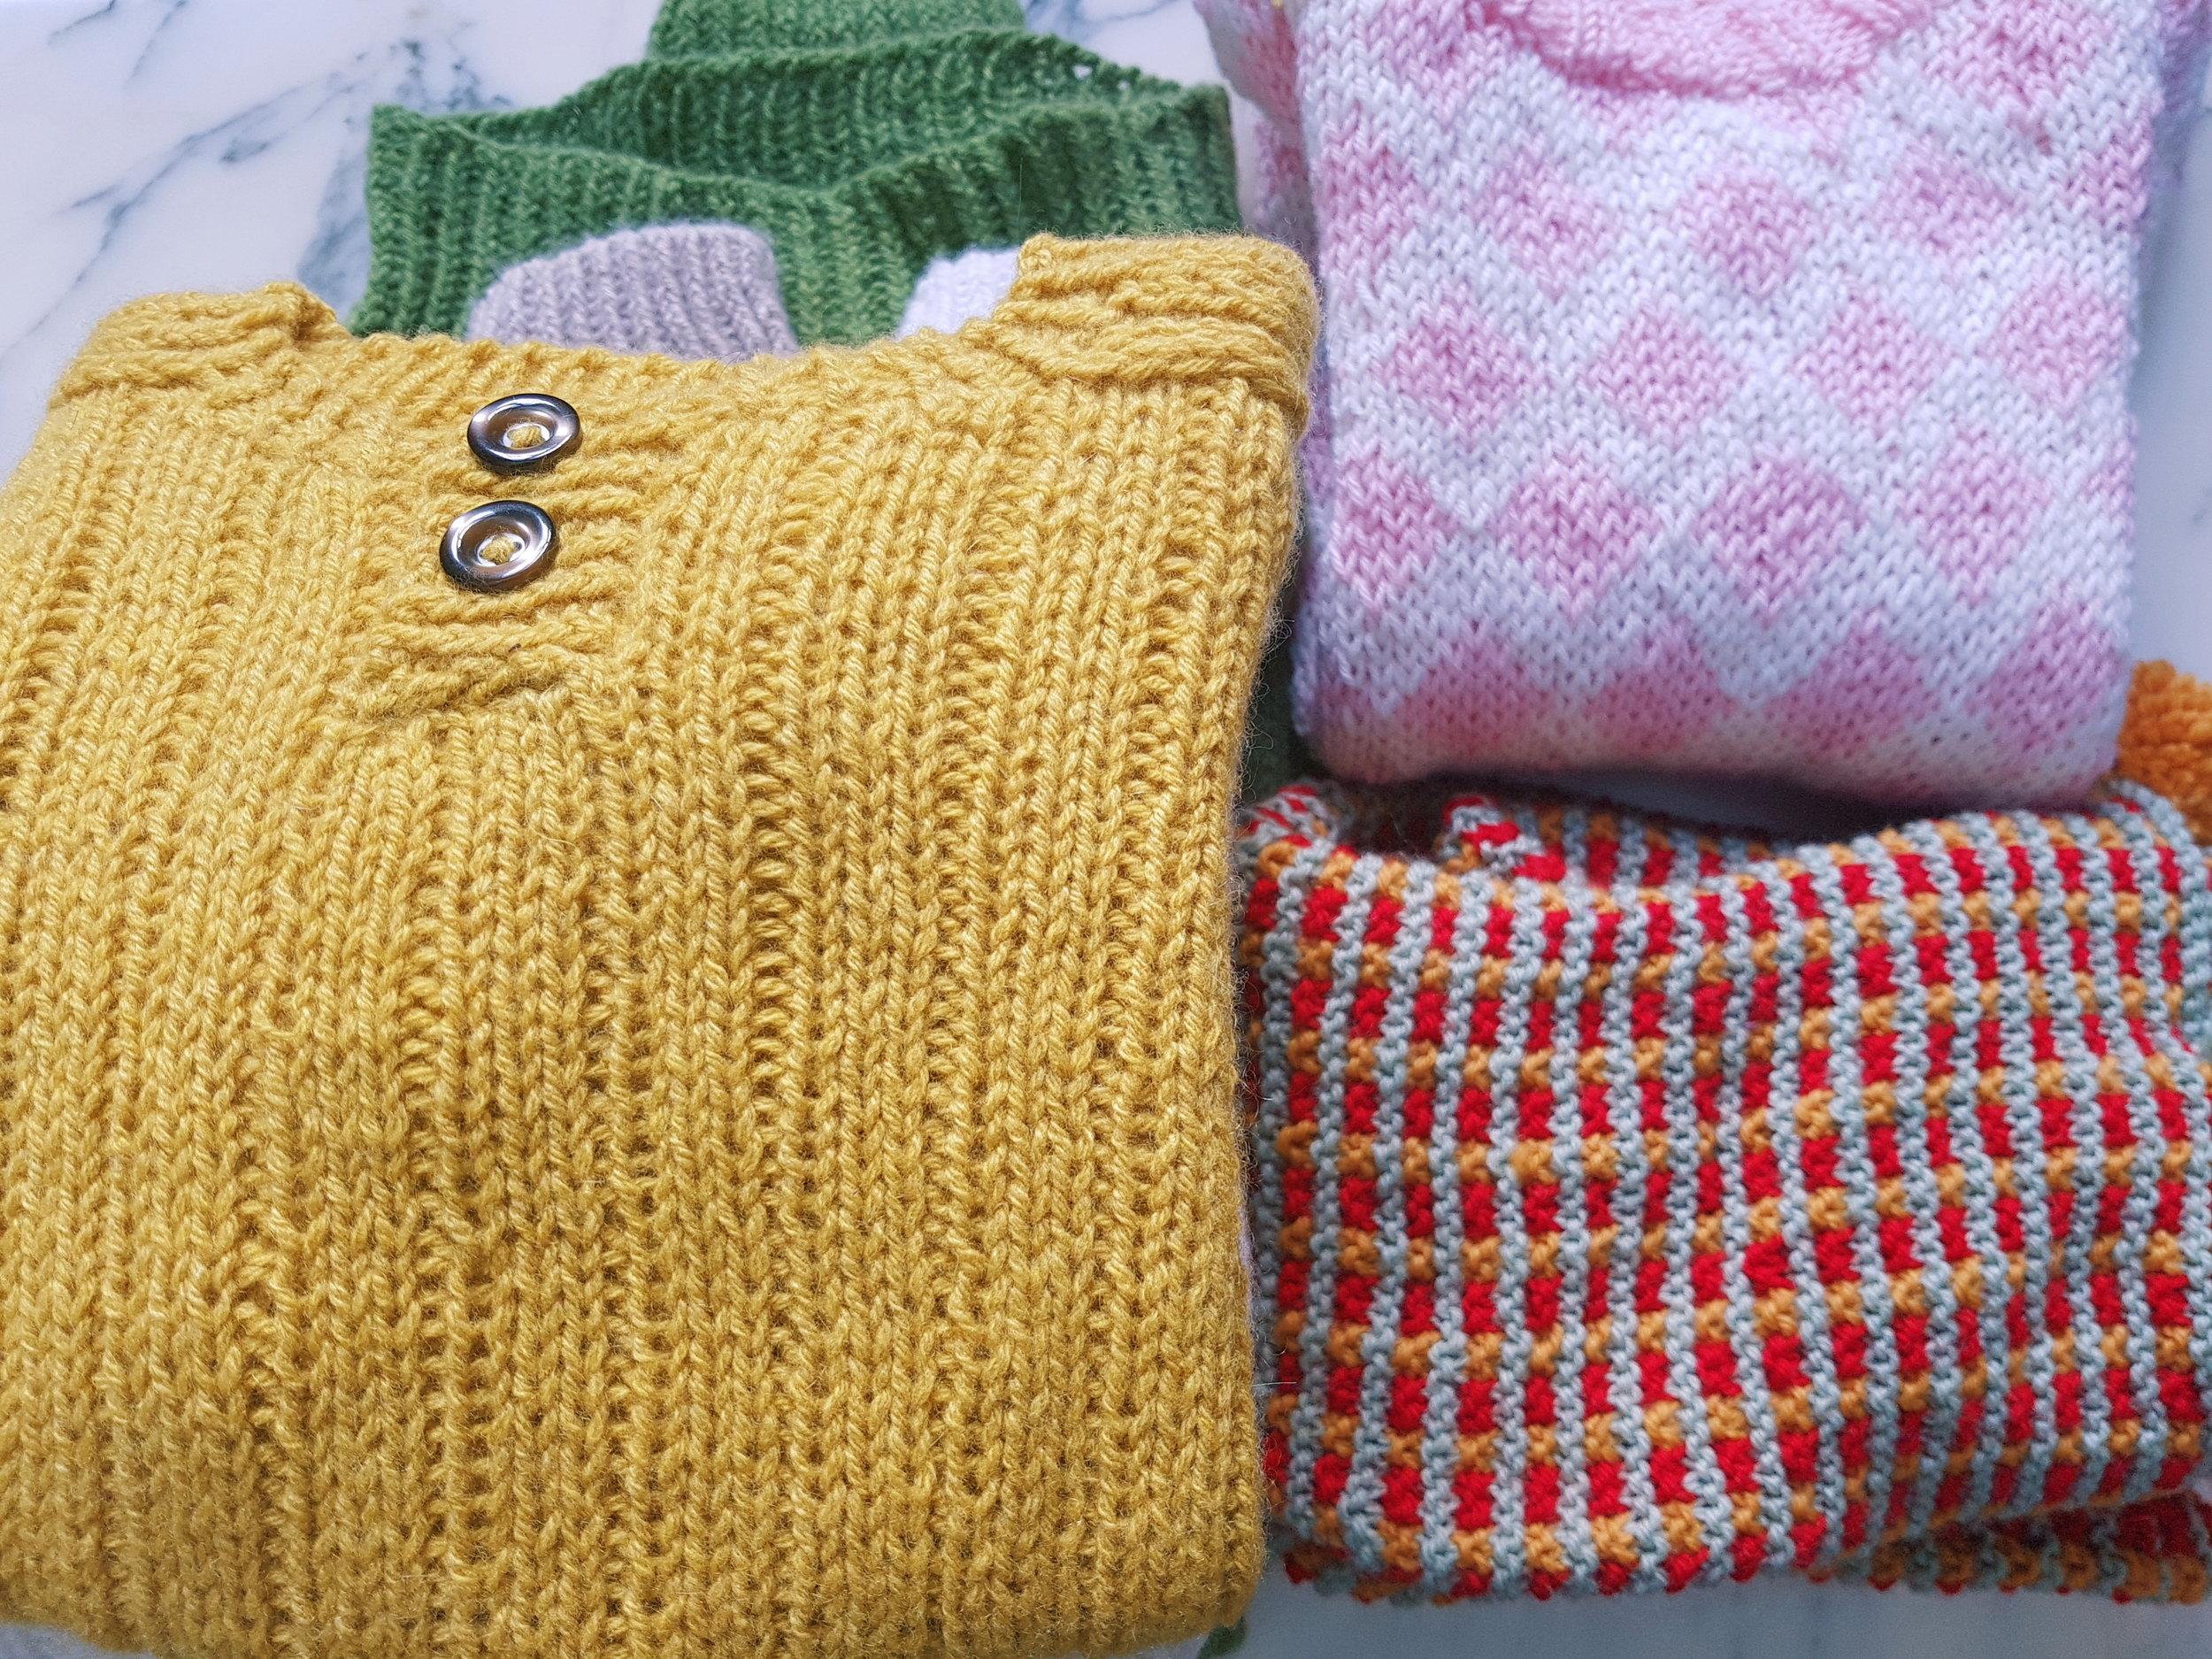 En haut à droite, du jacquard trop lâche. En bas à droite, du beau jacquard qui est beau parce que c'est ma grand-mère qui l'a tricoté.